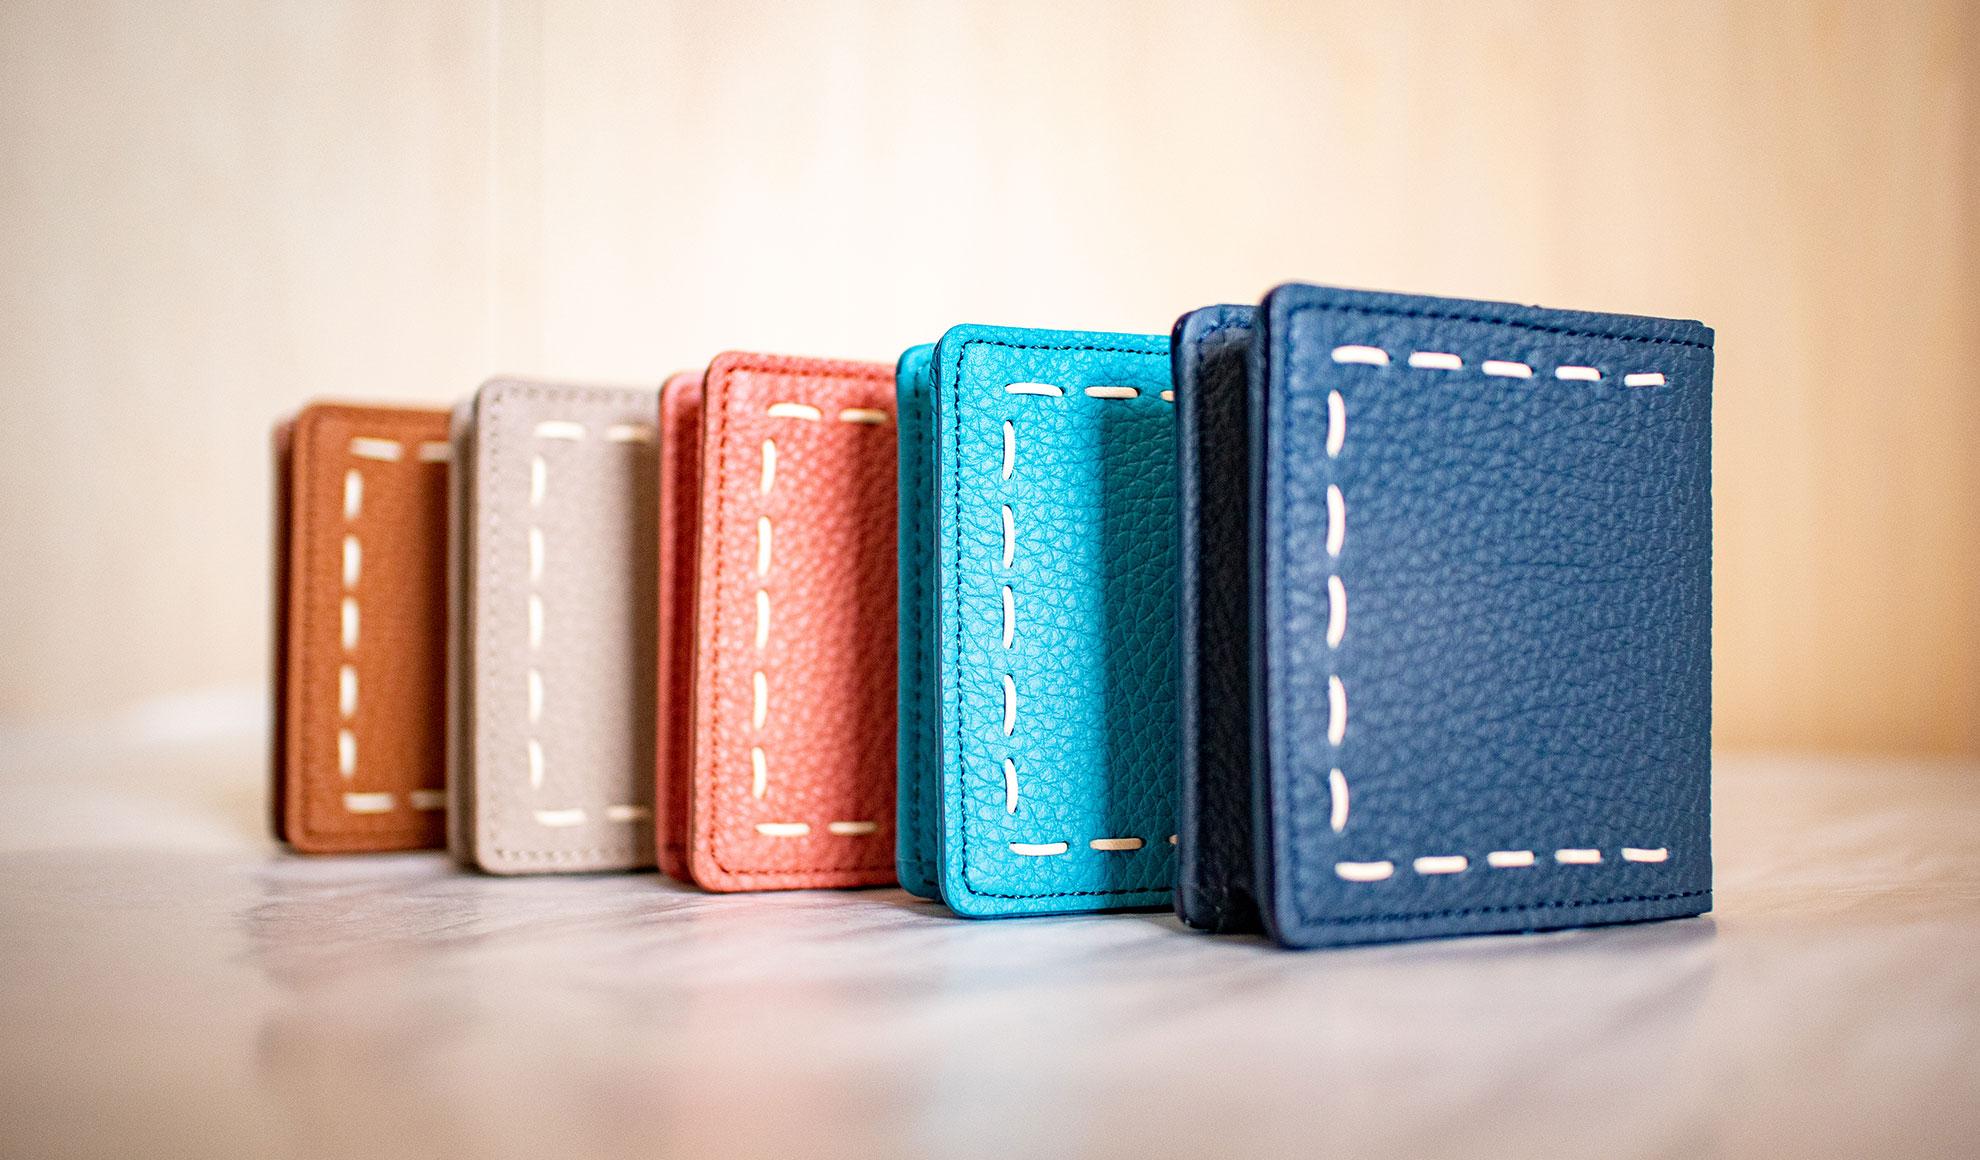 日本製「NAGATANI」最高級の本革シュリンクレザー・エスポワールを使ったコインケース(小銭入れ)「ELLA」誕生